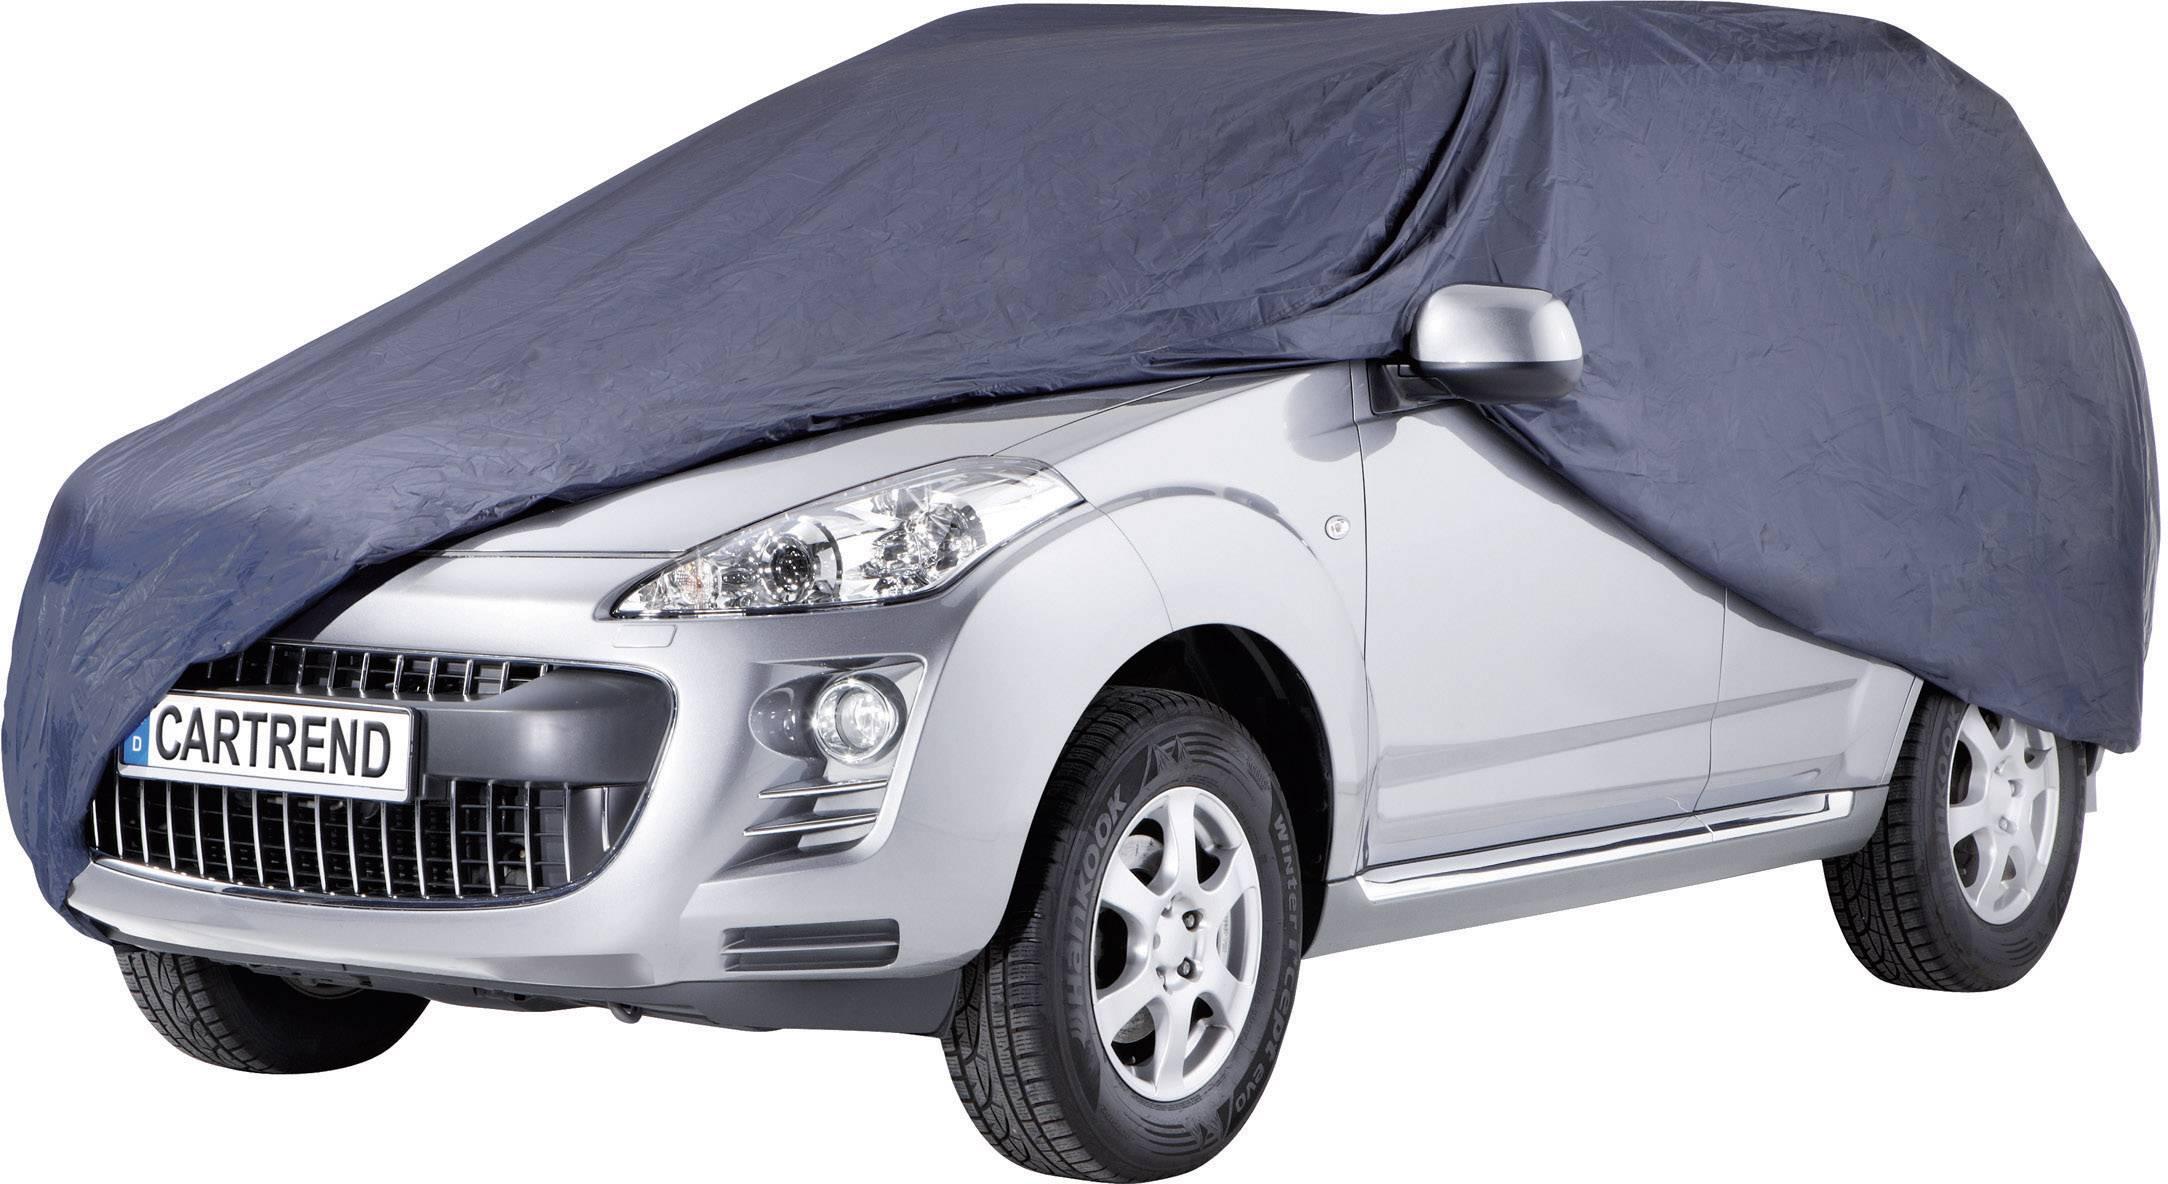 Plachta na automobil ochranná pre SUV cartrend 70337 (d x š x v) 503 x 213 x 172 cm